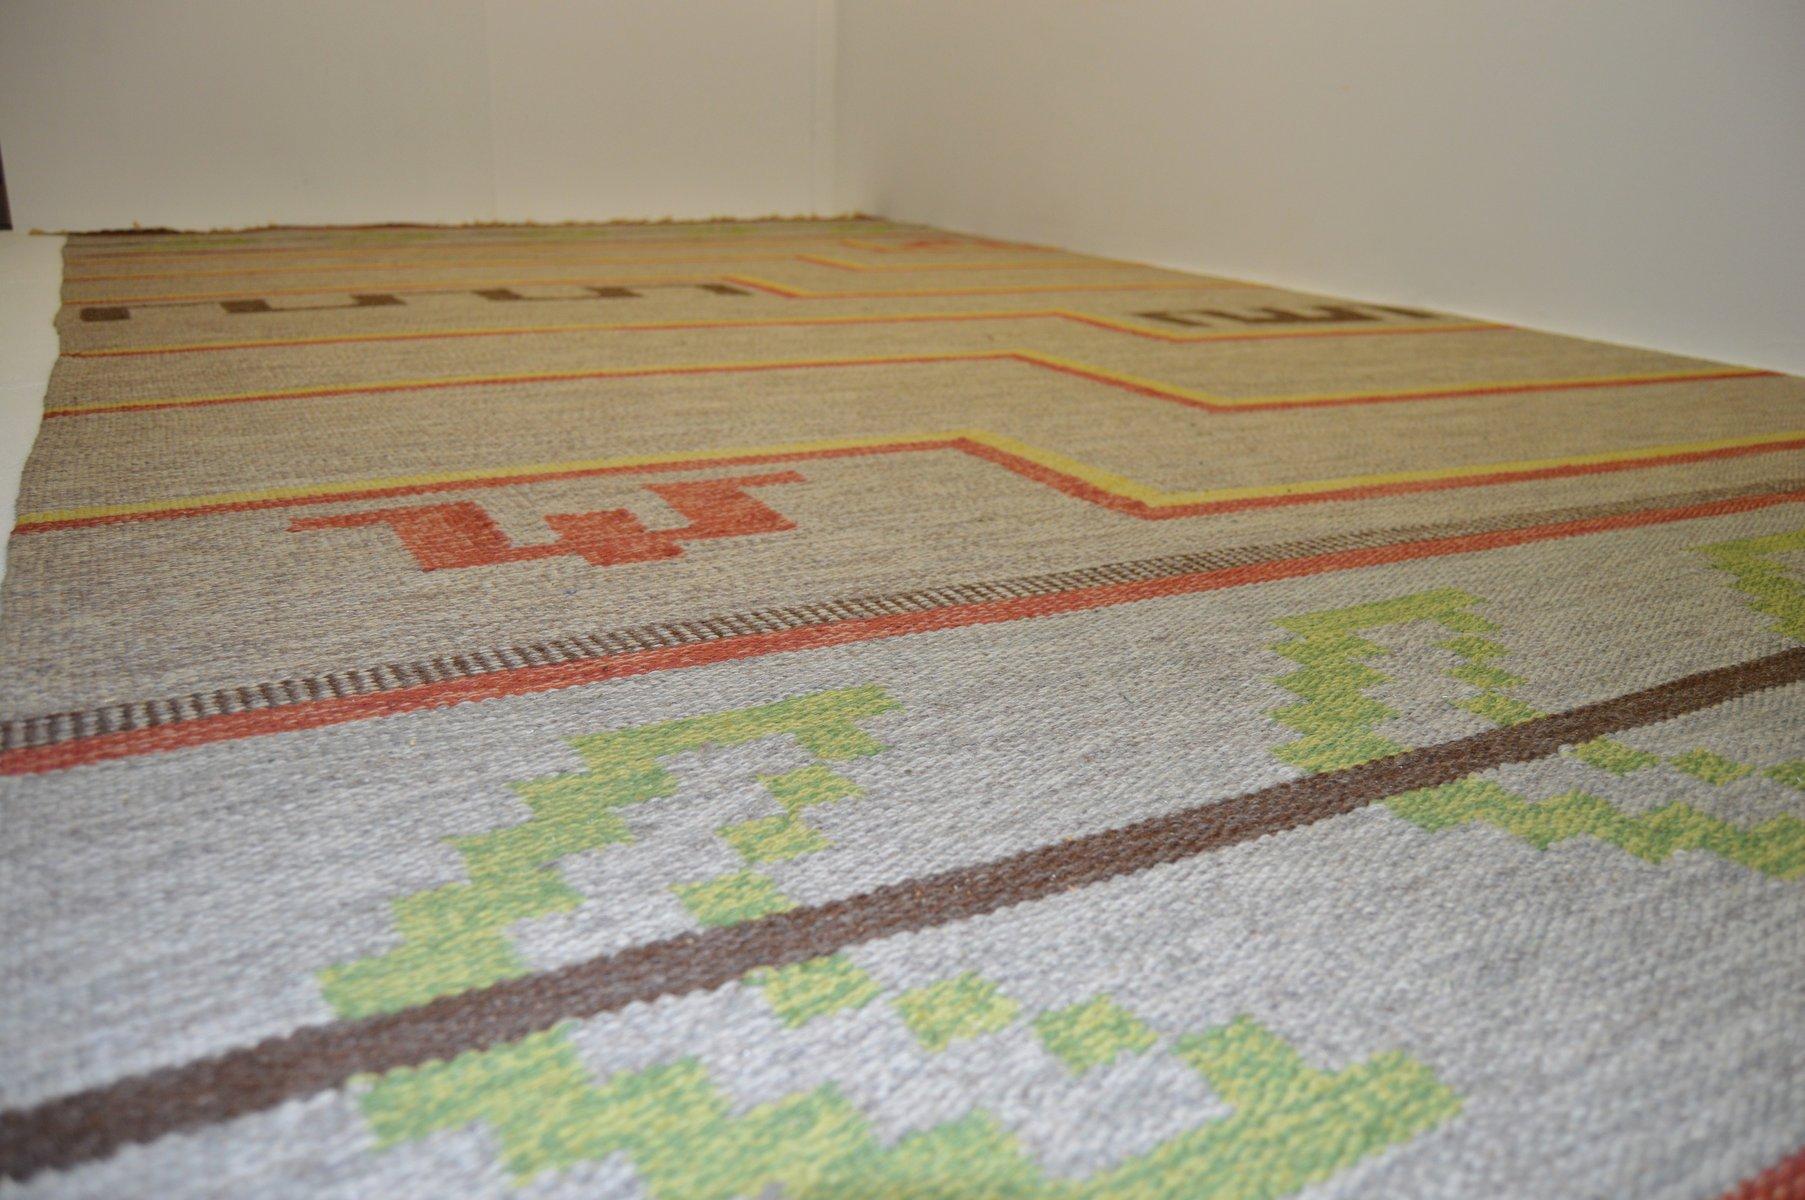 gro er flachgewebter schwedischer teppich bei pamono kaufen. Black Bedroom Furniture Sets. Home Design Ideas